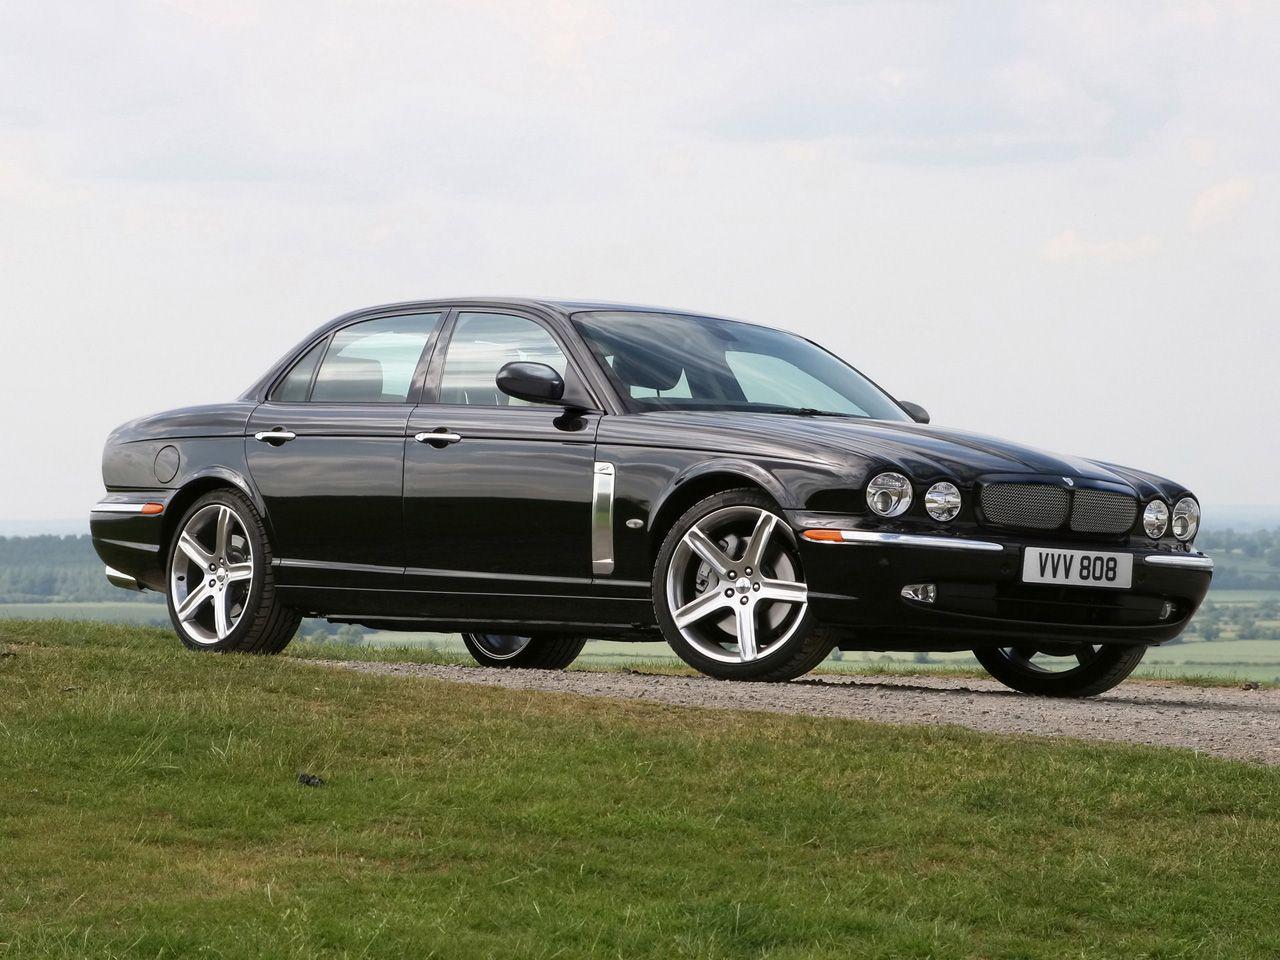 xf portfolio used for in car bristol sale jaguar lcm s infinity td